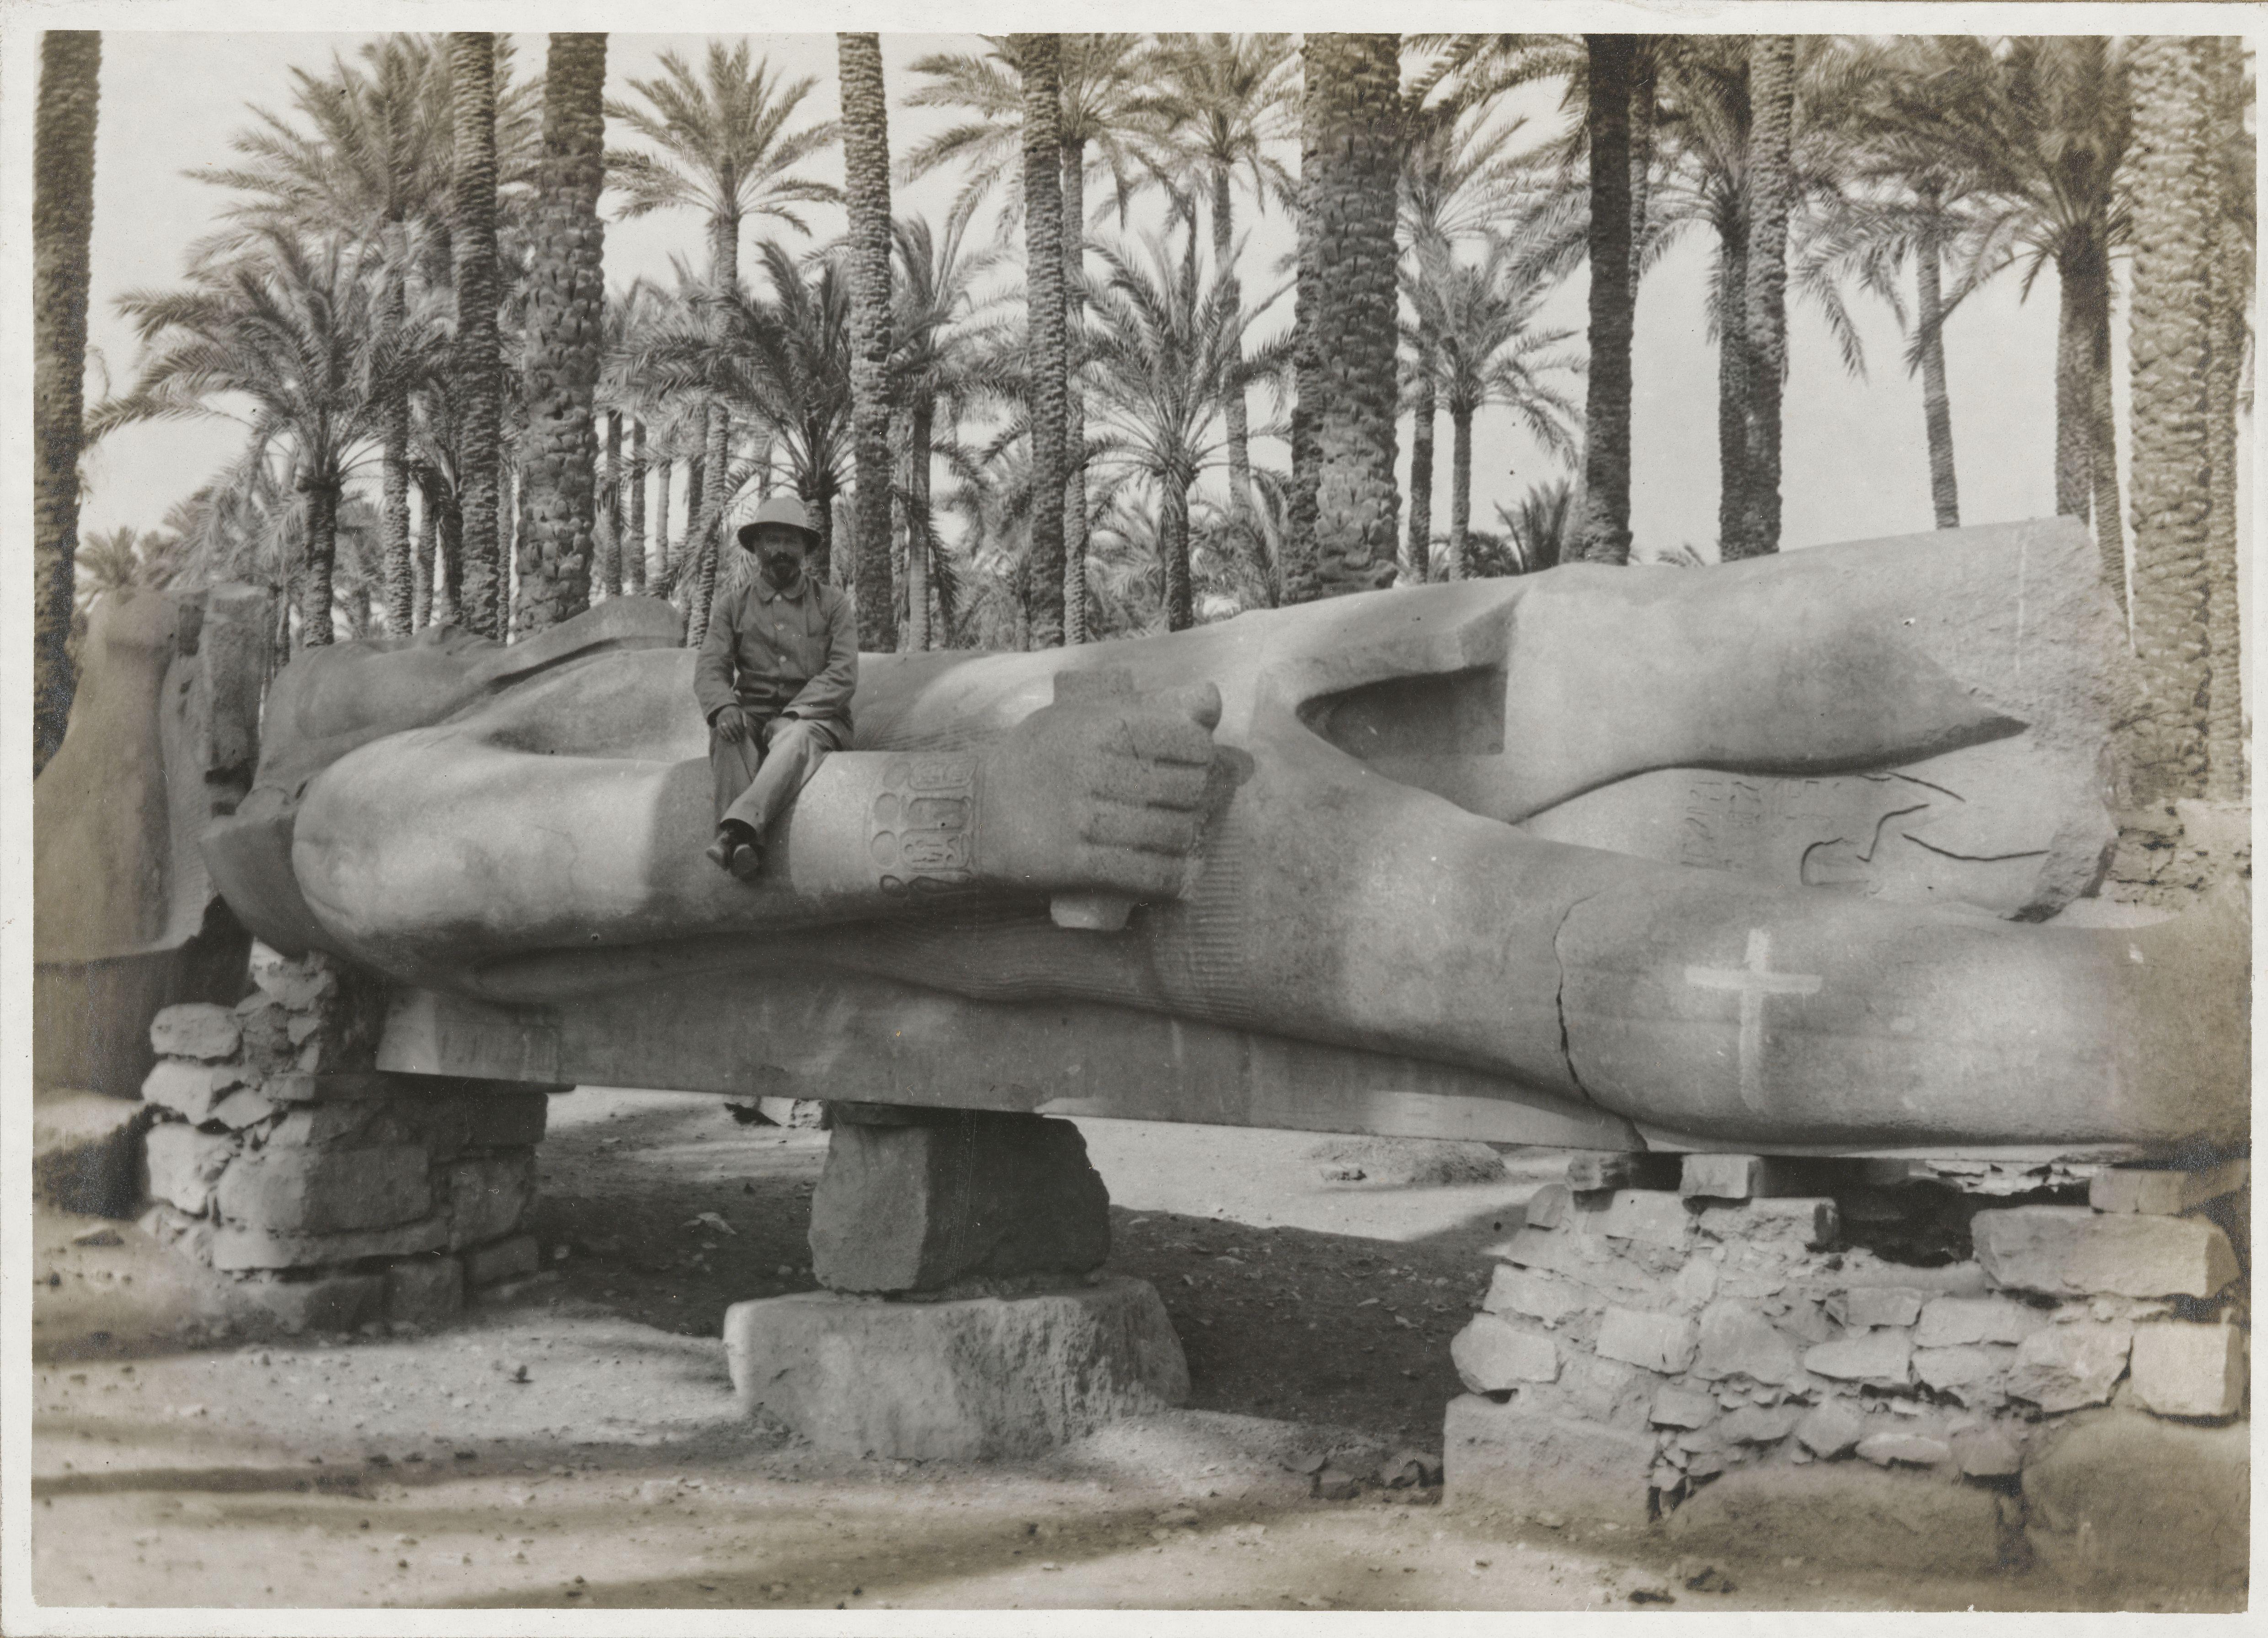 Колоссальная статуя Рамсеса II по дороге в Мемфис. Она сделана из гранита и когда-то стояла перед храмом в Мемфисе